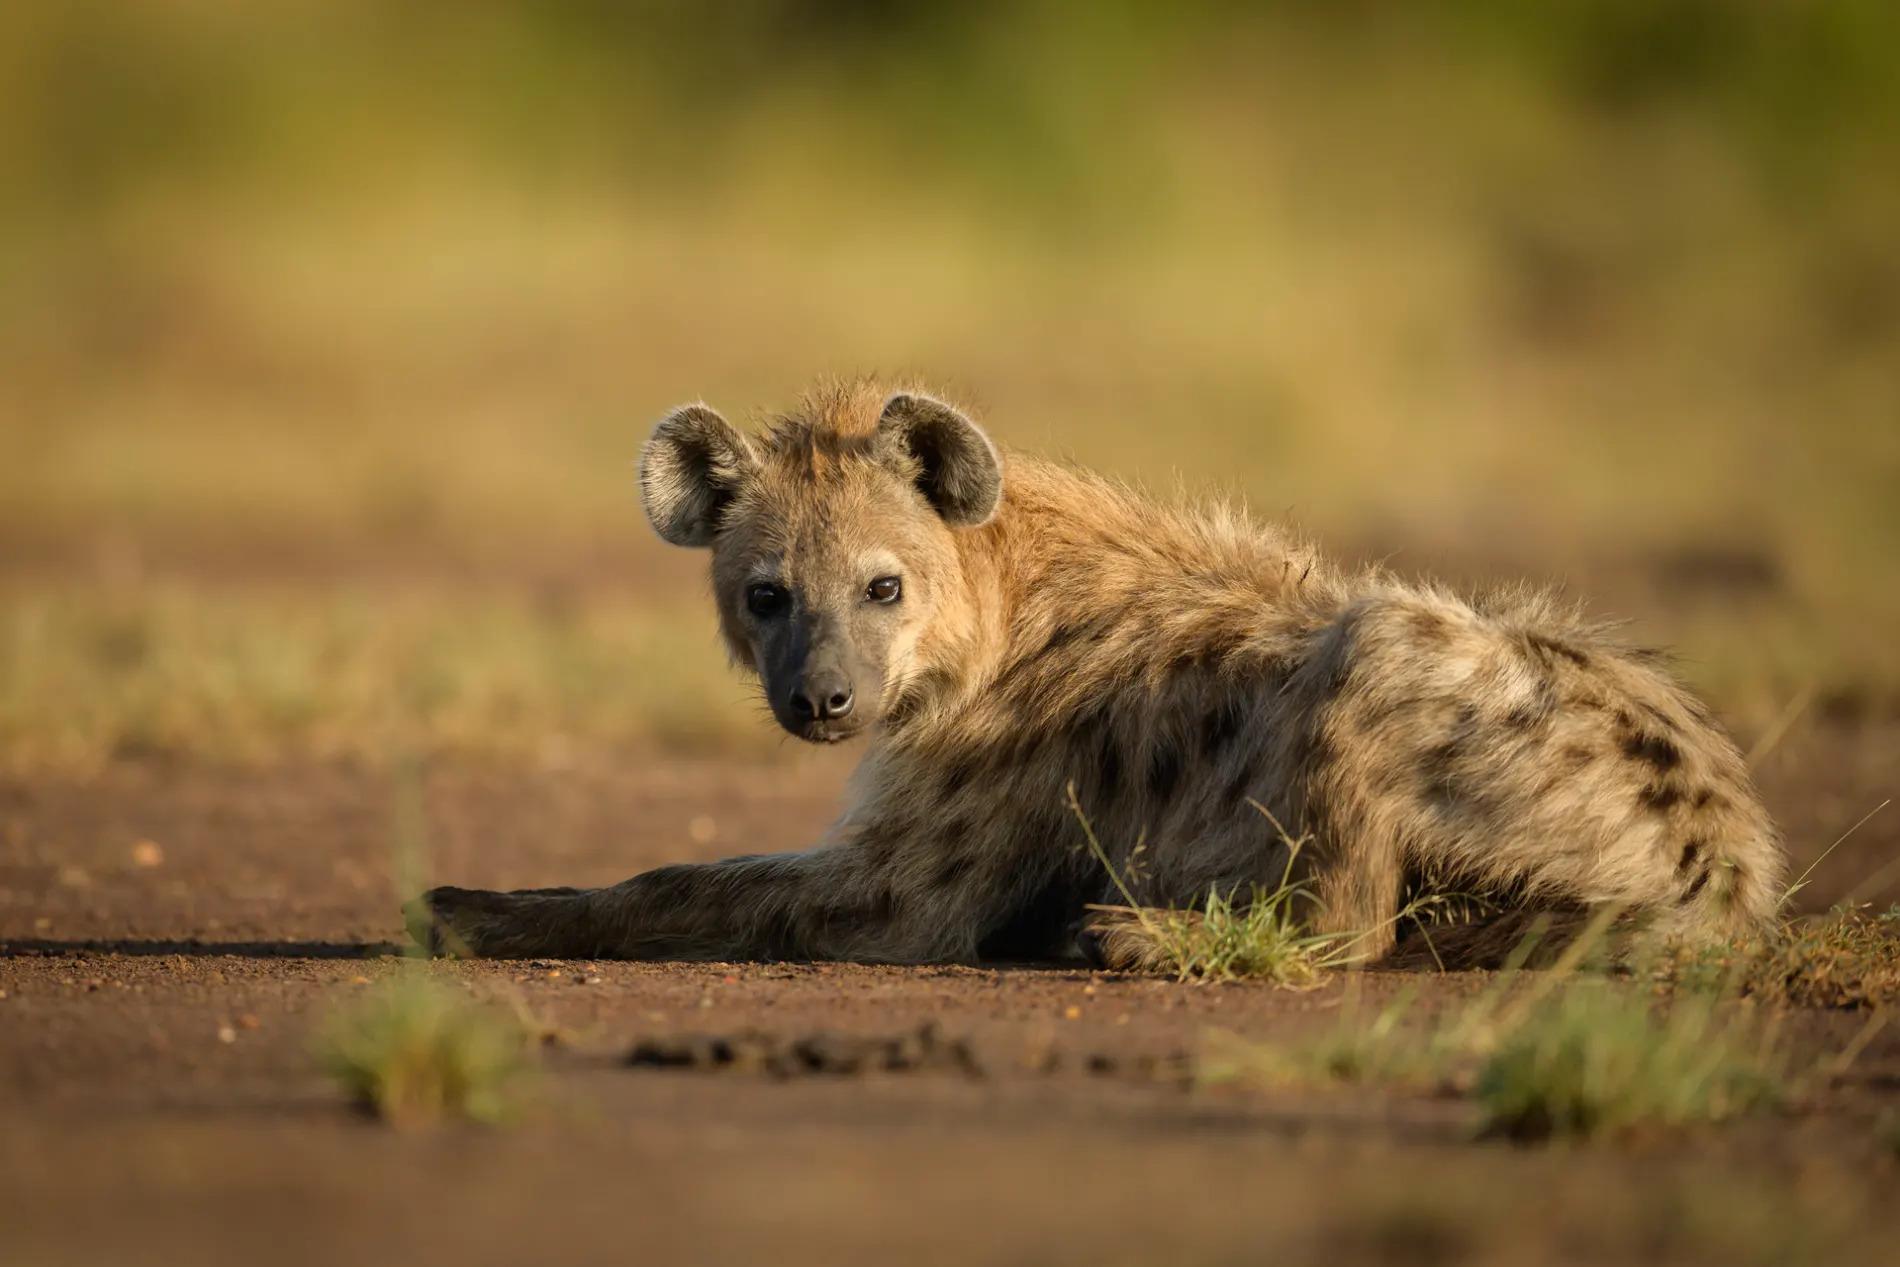 hyena sitting